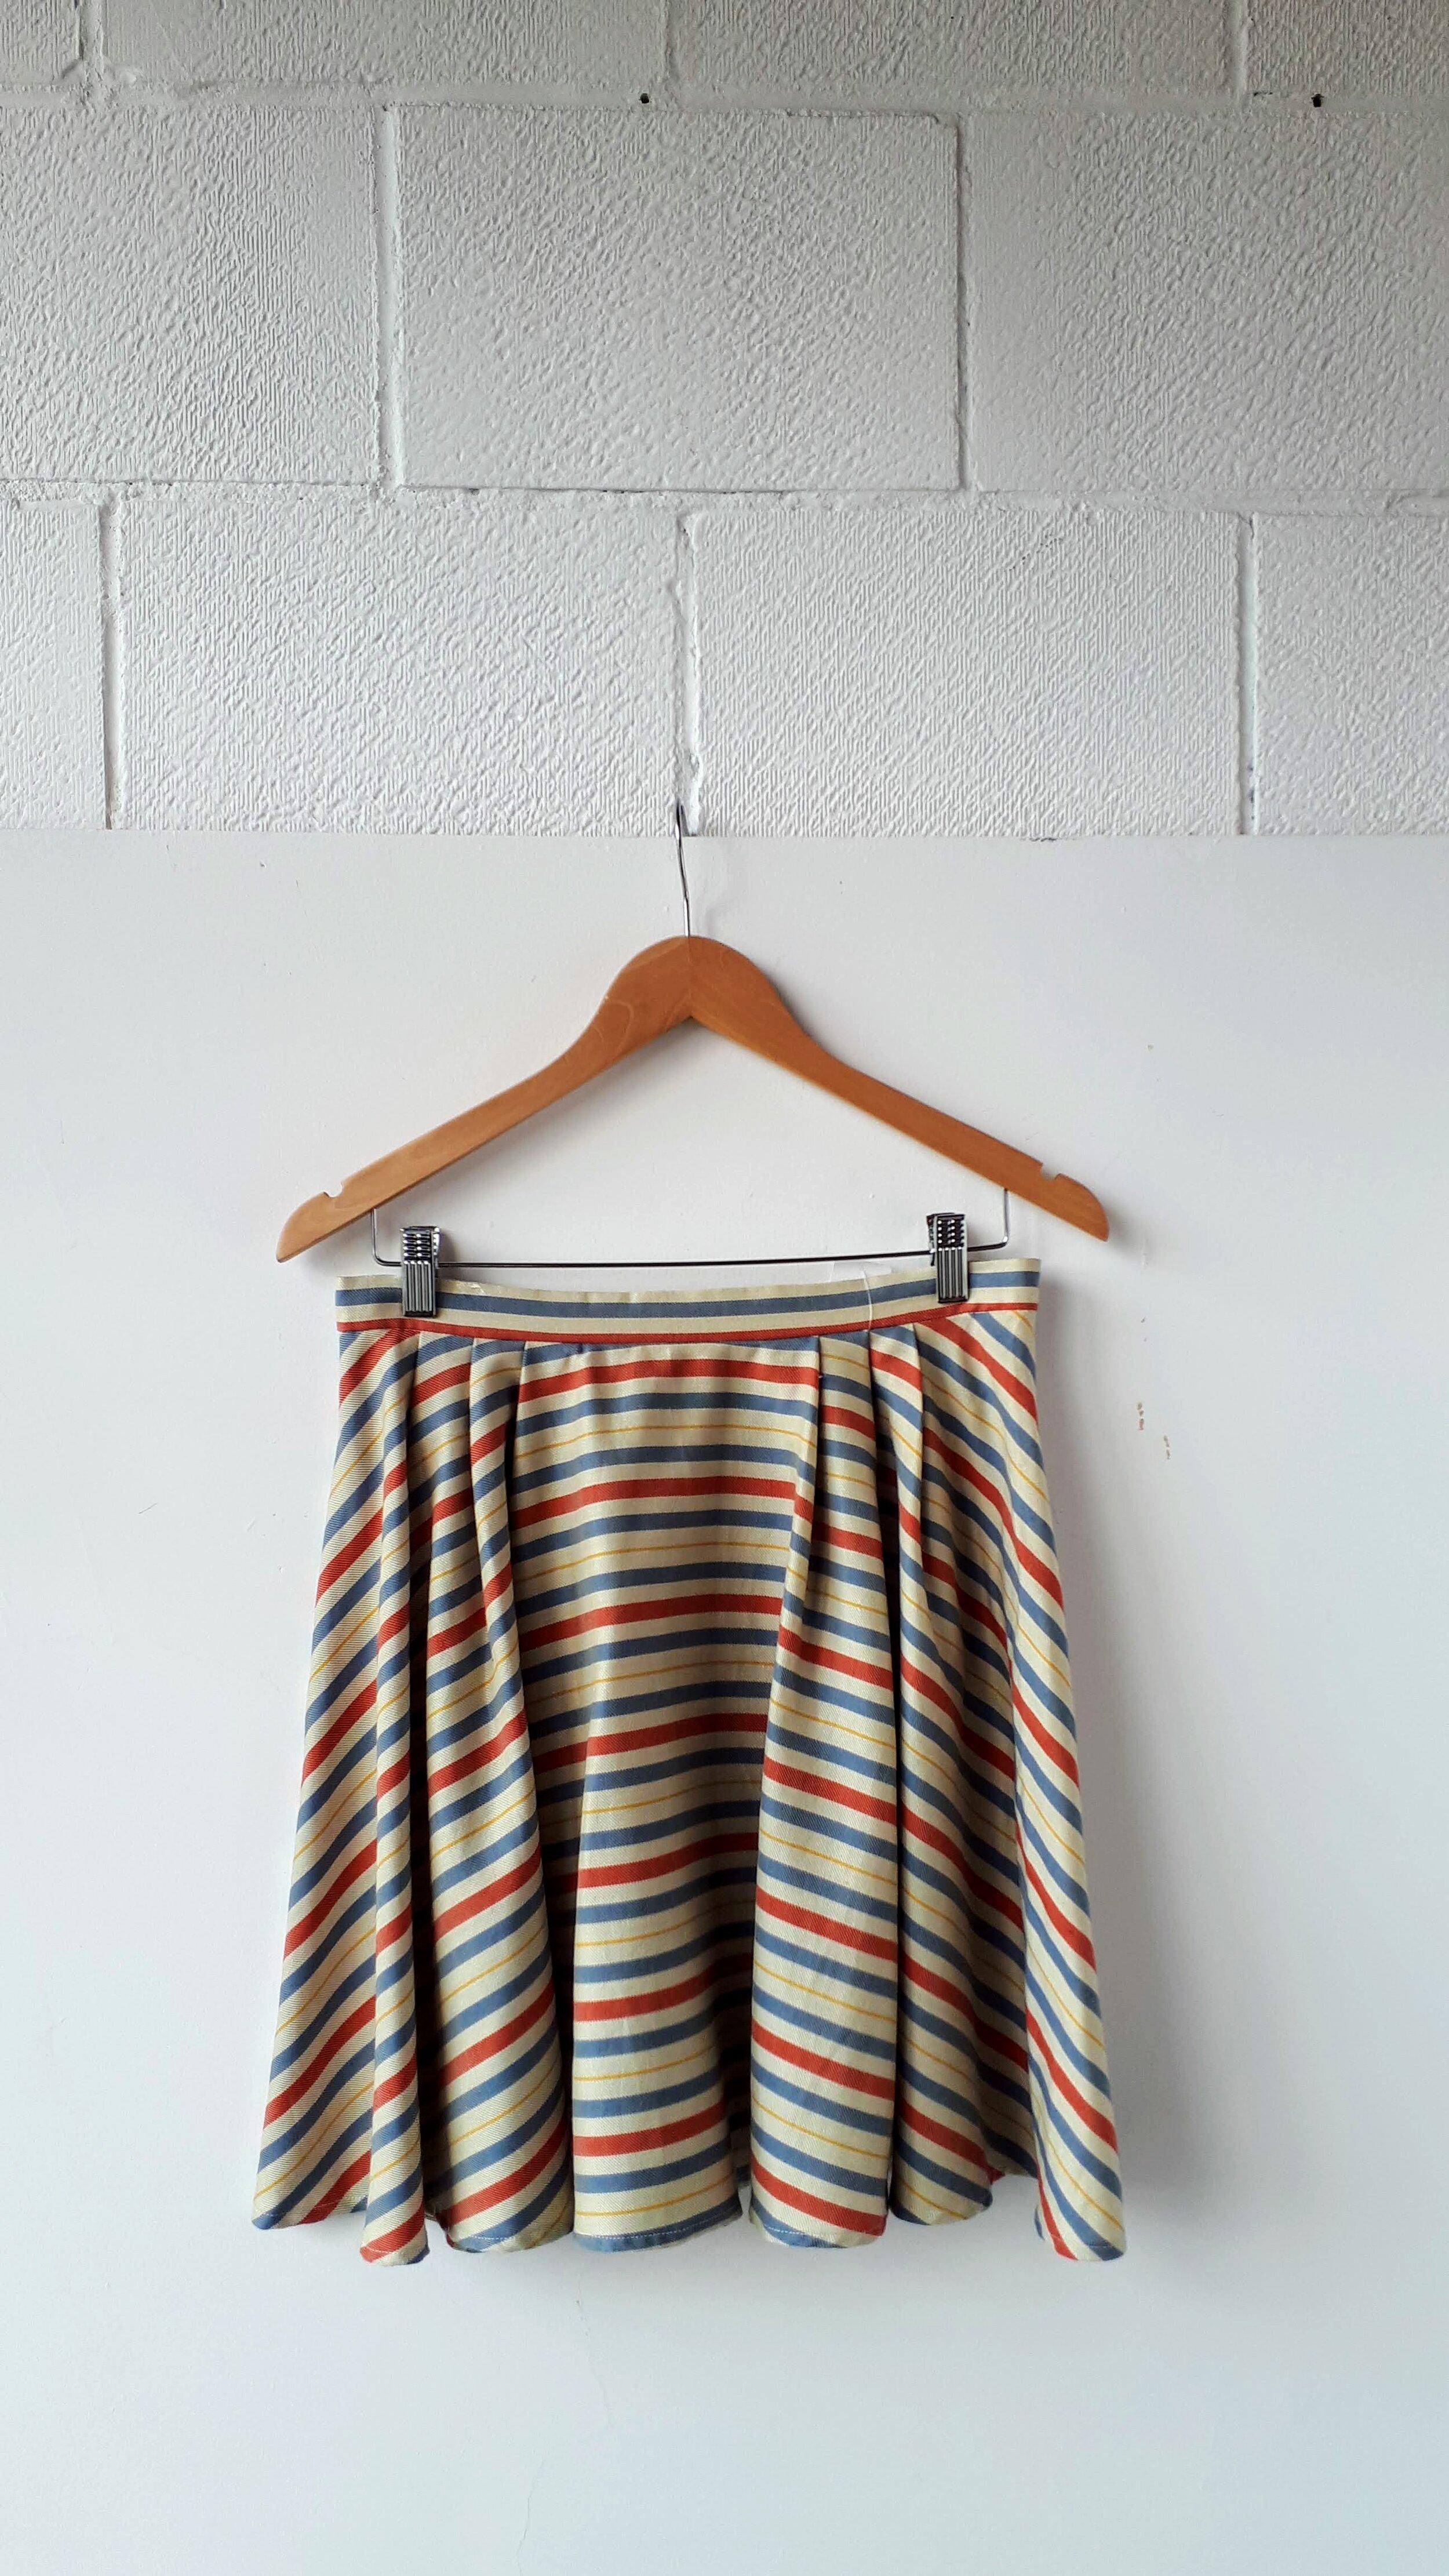 Nicola Fan skirt; Size L, $34